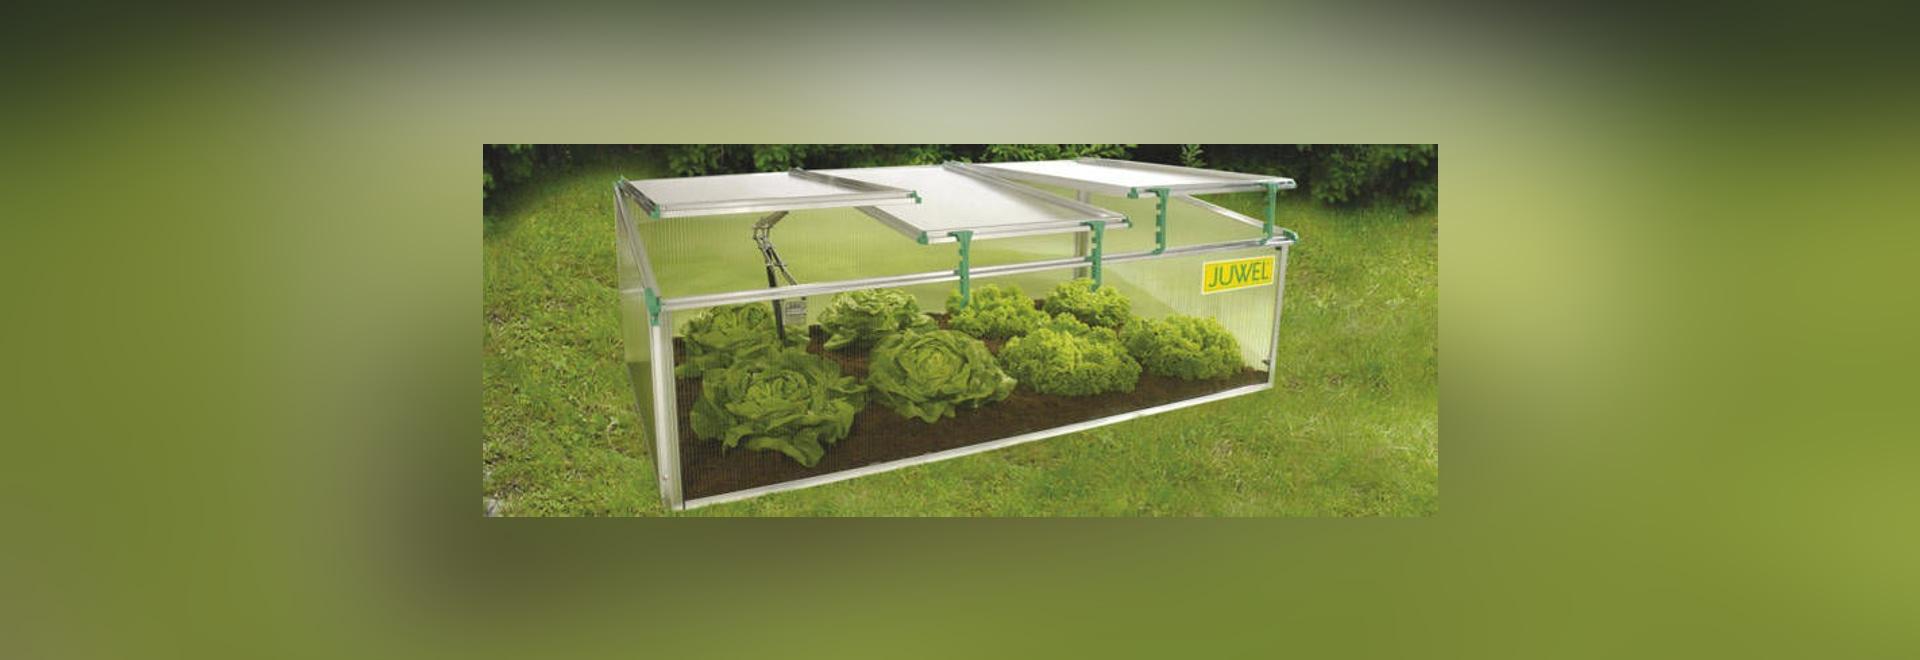 NUEVO: invernadero del policarbonato de Juwel - Juwel